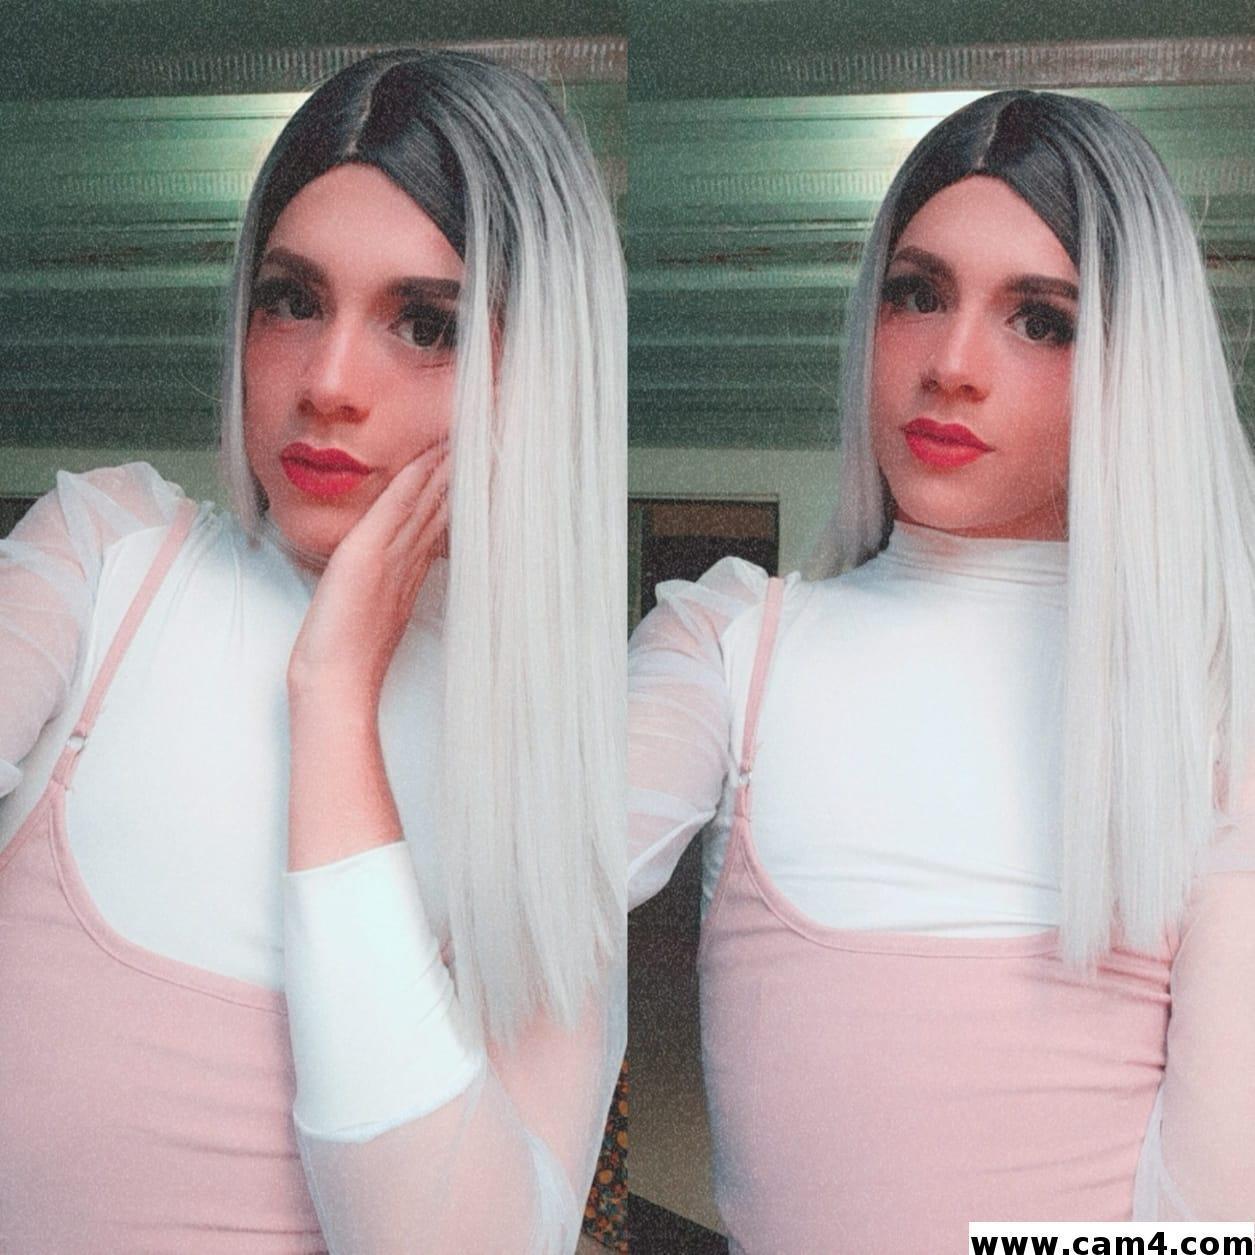 Arianna queen?s=253gr1w9vmd5pkqeutfrjaxptbe65kws8lsl4u2rblc=